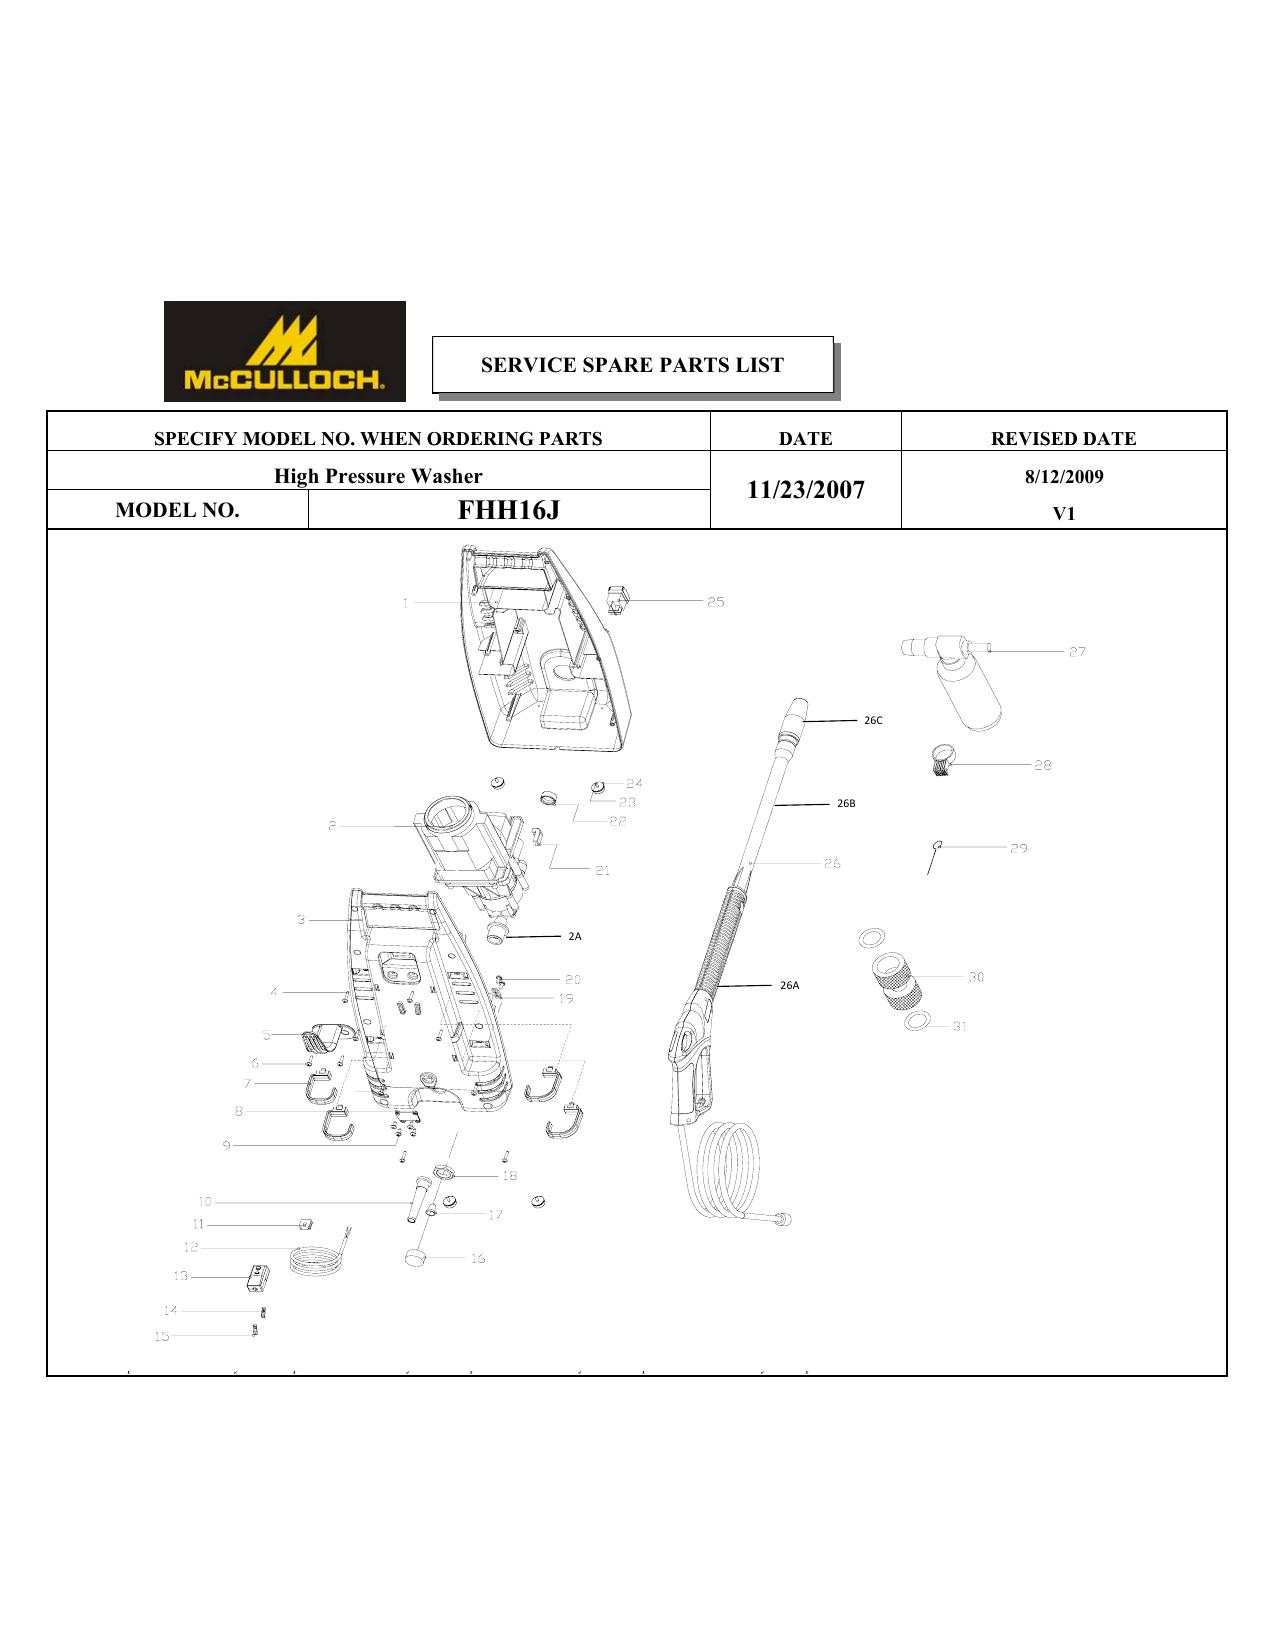 [DIAGRAM_1CA]  McCulloch Pressure Washer FHH16J User manual | Manualzz | Mcculloch 140 Wiring Diagram |  | manualzz